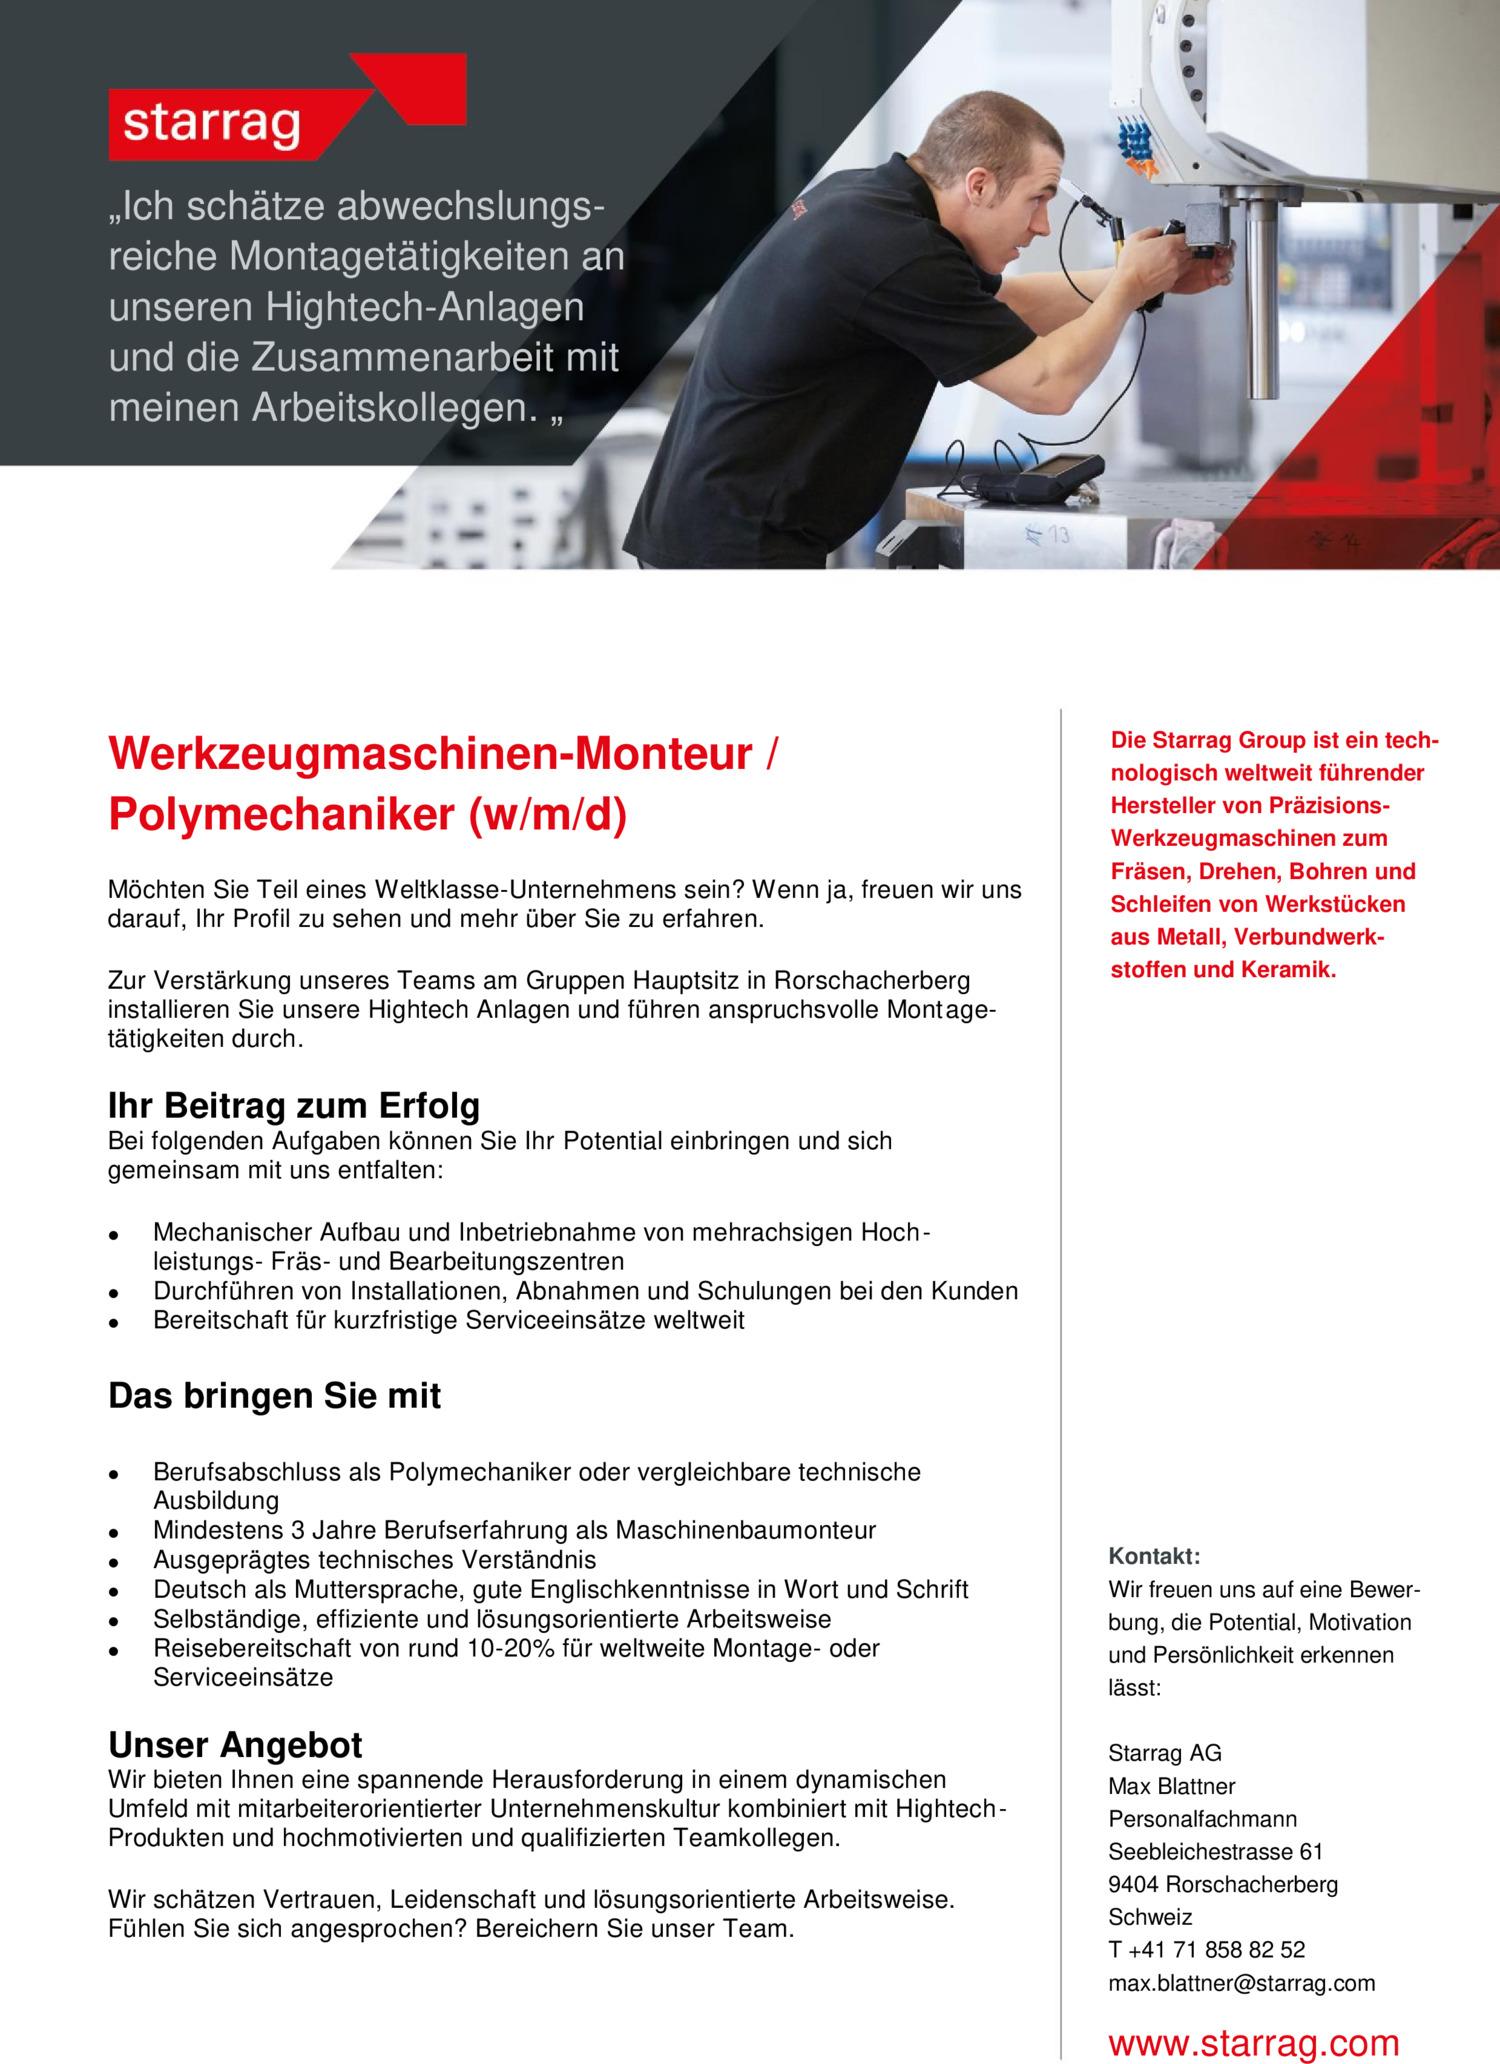 Inserat Werkzeugmaschinen-Monteur /  Polymechaniker